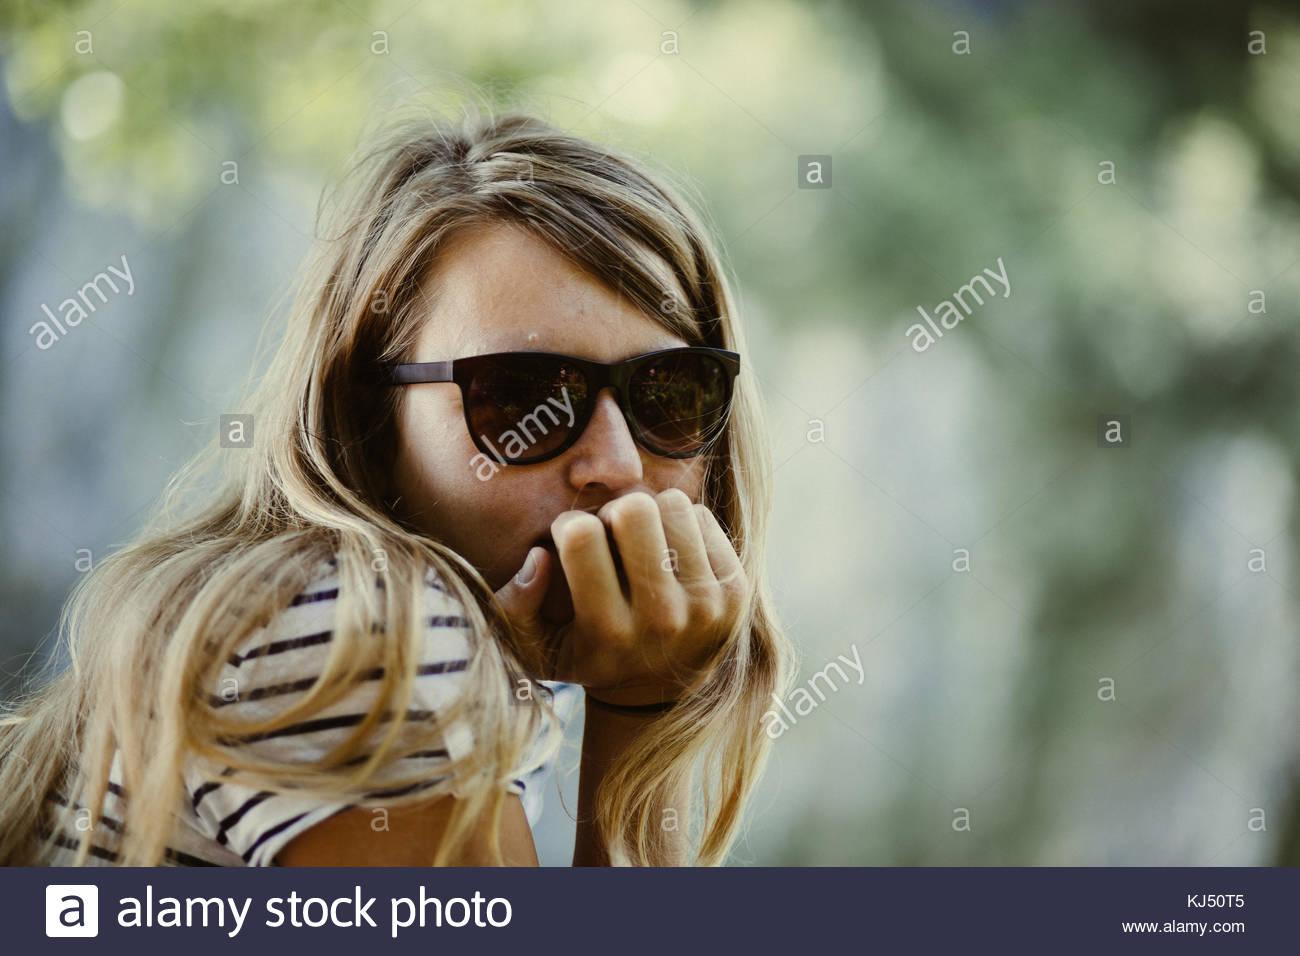 Fille blonde avec des lunettes Photo Stock